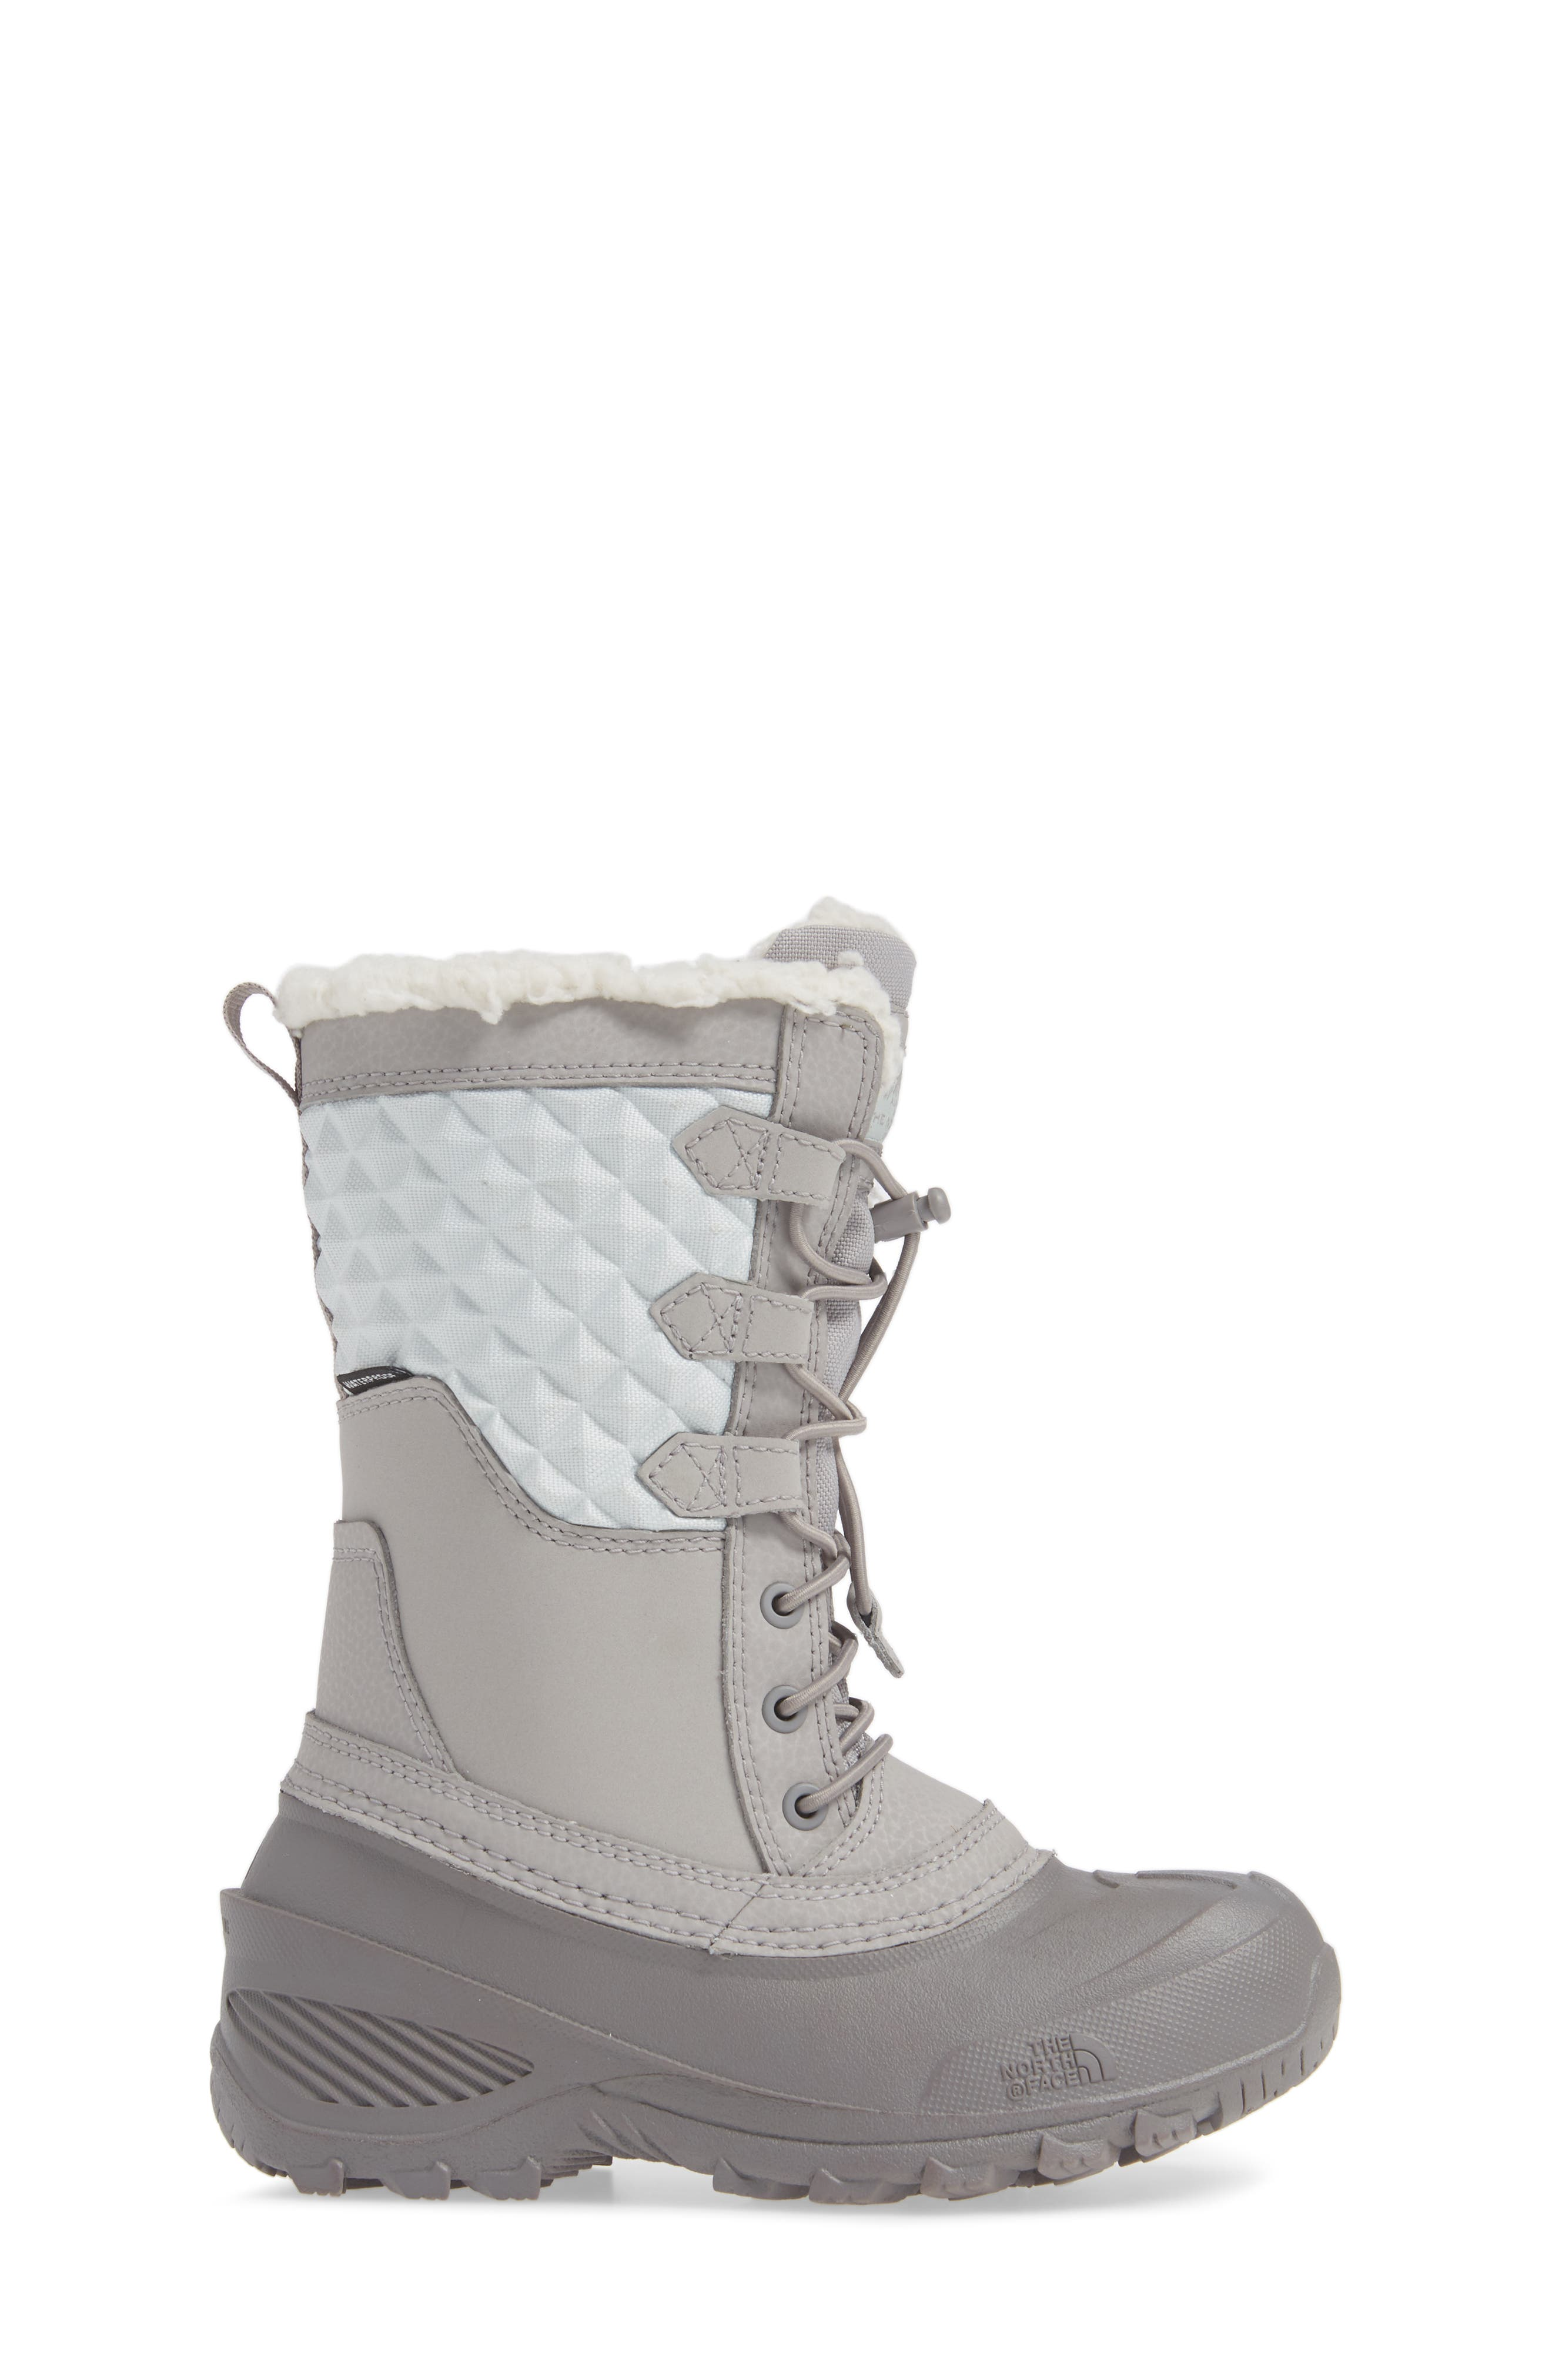 Shellista Lace III Faux Fur Waterproof Boot,                             Alternate thumbnail 3, color,                             030